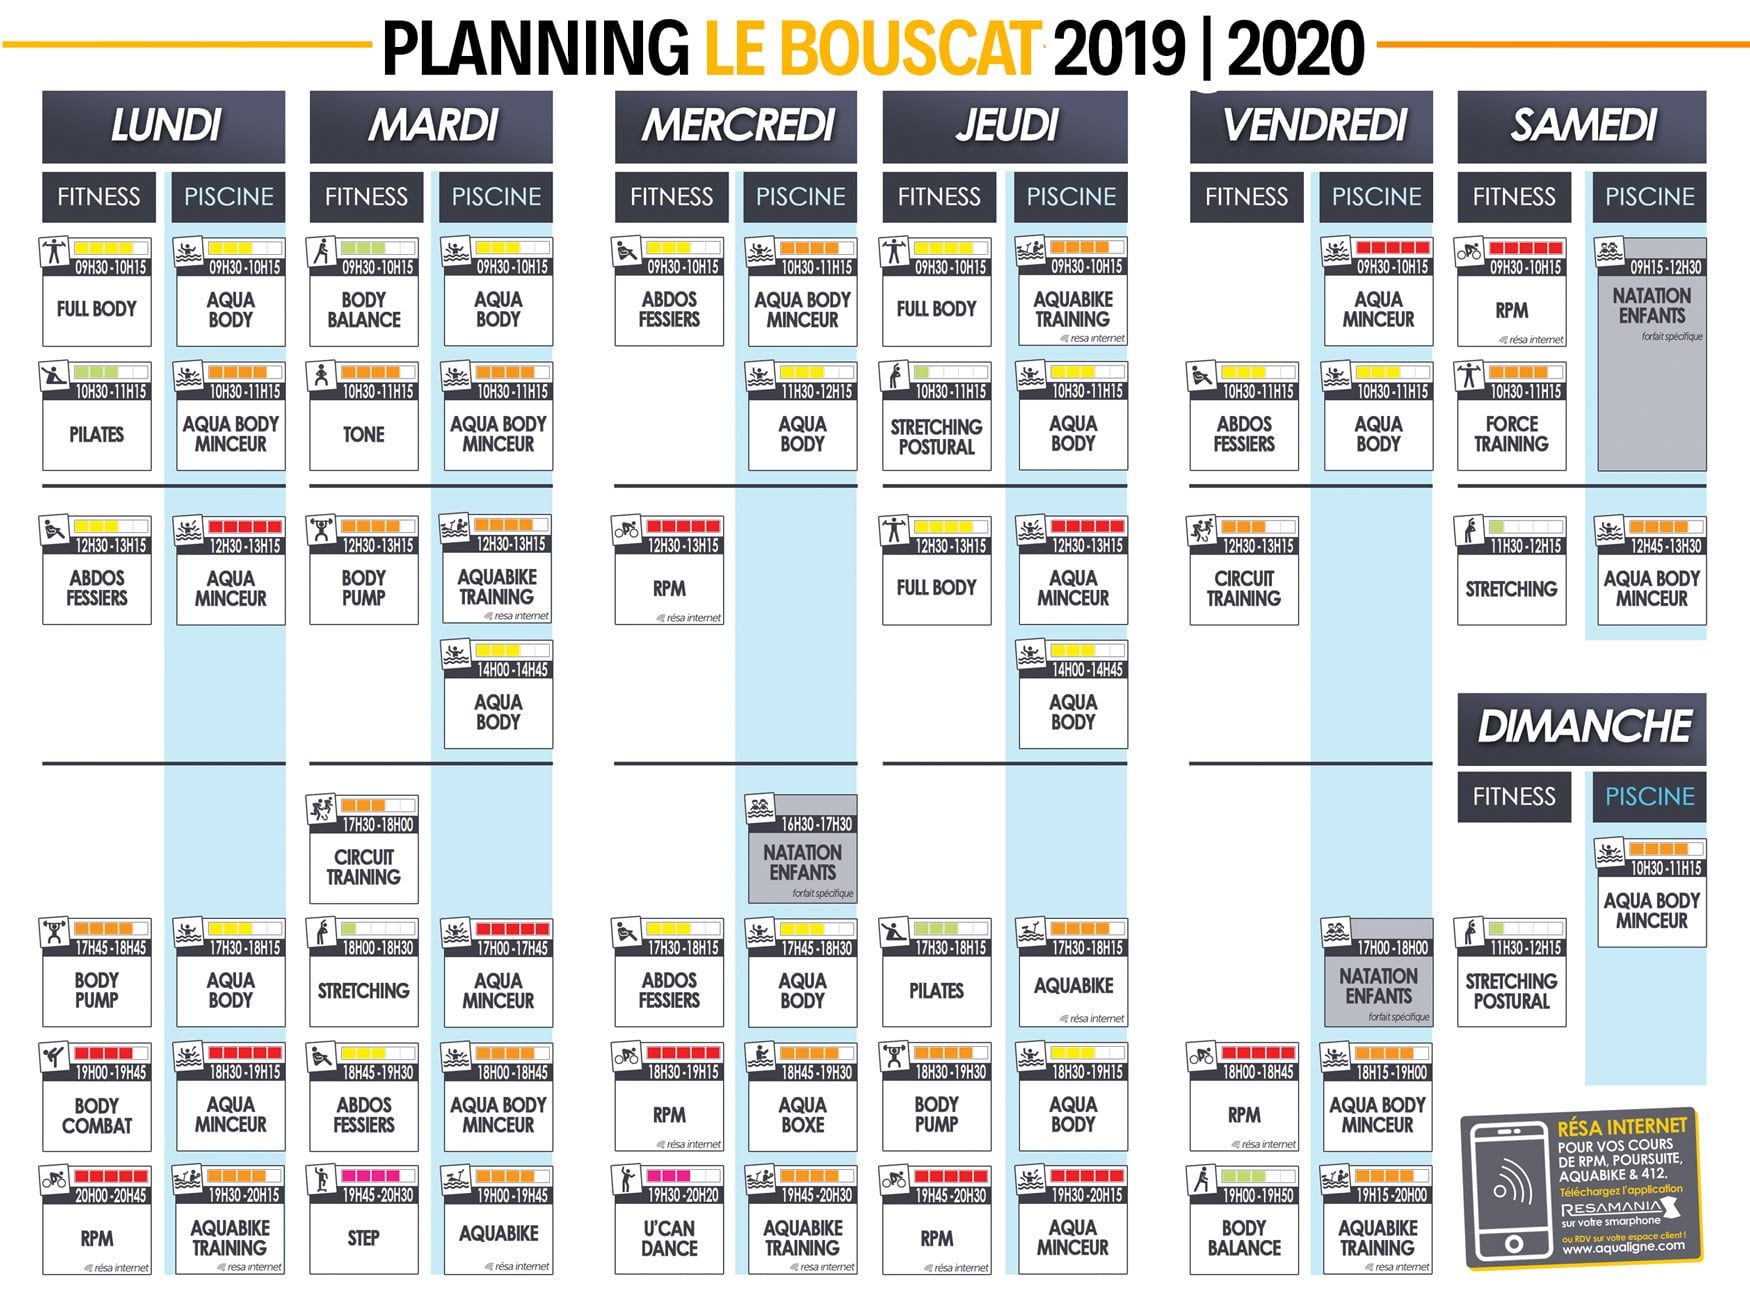 LE-BOUSCAT-Planning-19-20